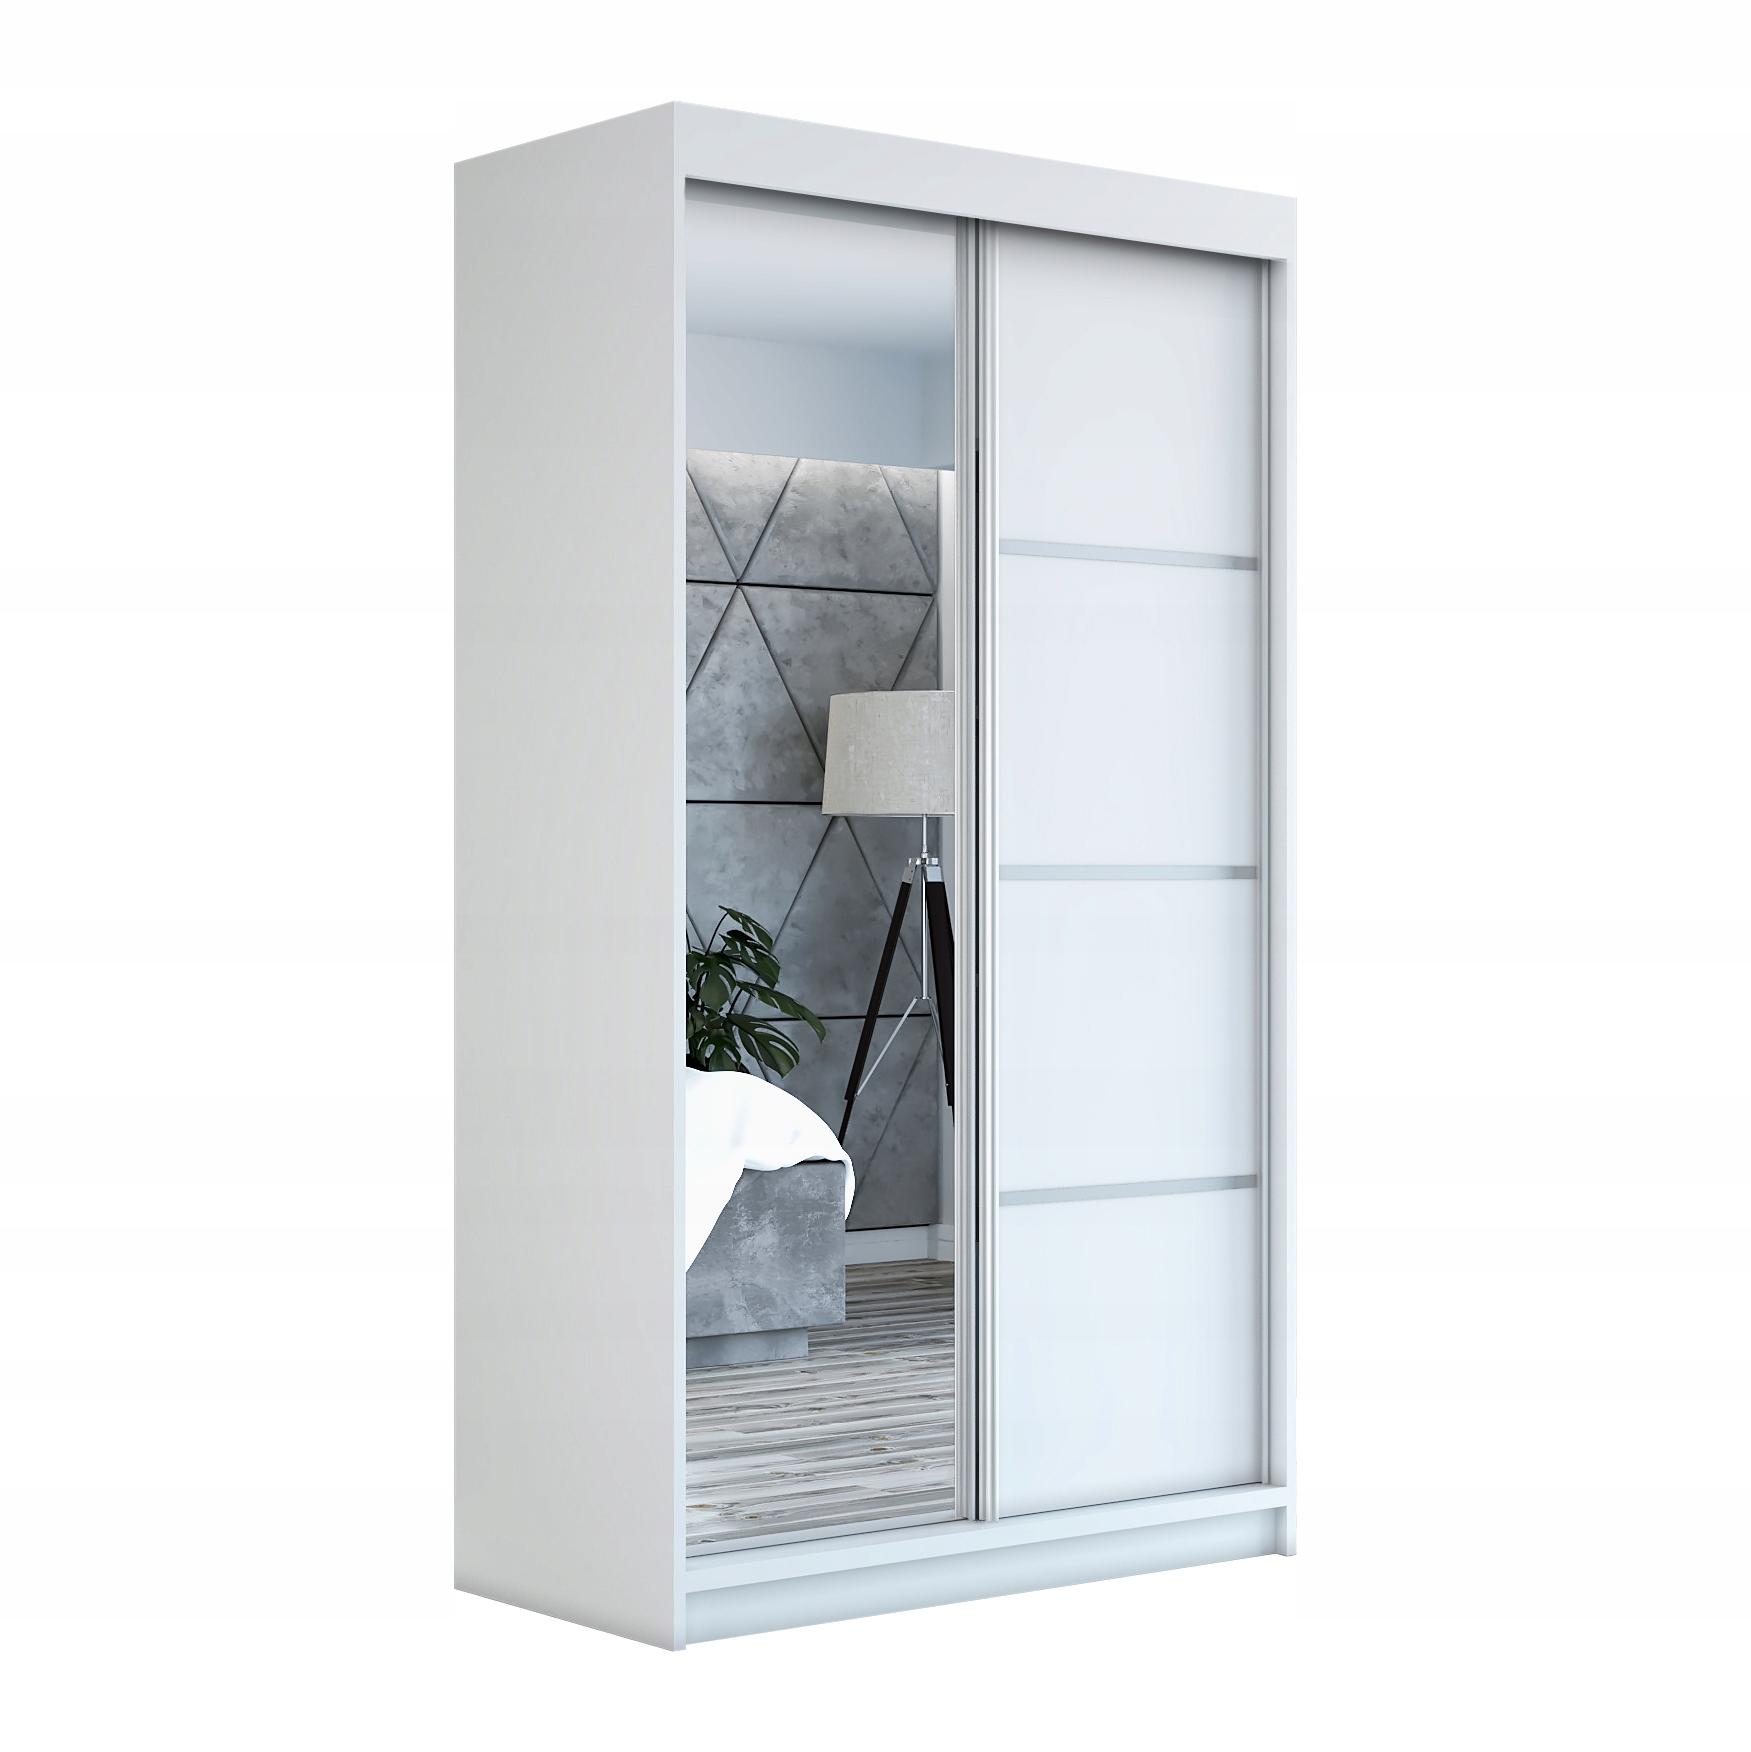 белая шкаф купе с зеркалом гардероб GAP120